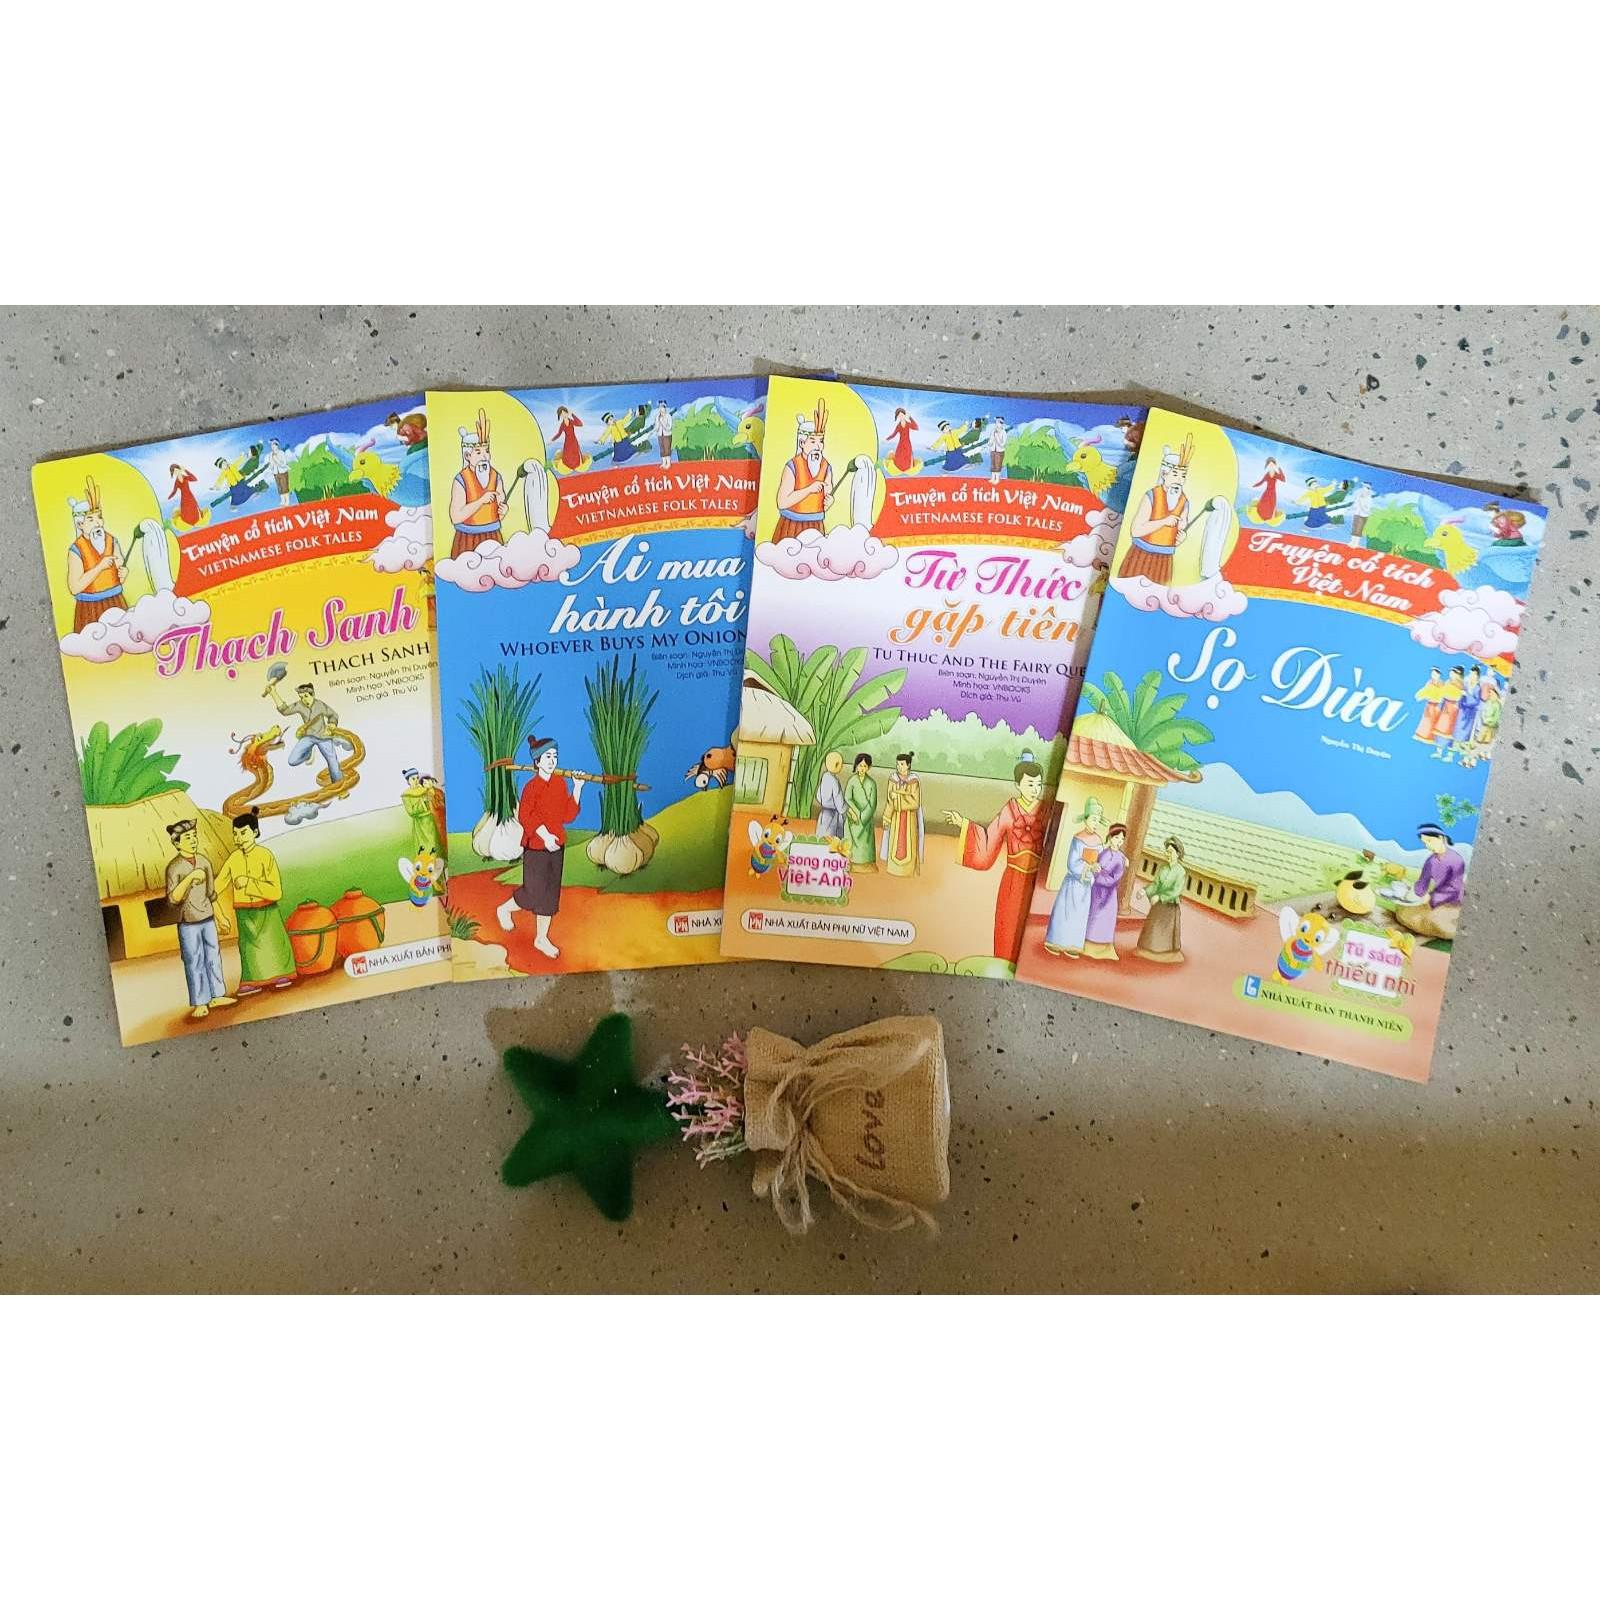 Com bo 4 cuốn Truyện cổ tích Việt Nam - Sọ Dừa, Từ Thức Gặp Tiên, Ai mua hành cho tôi, Thạch Sanh